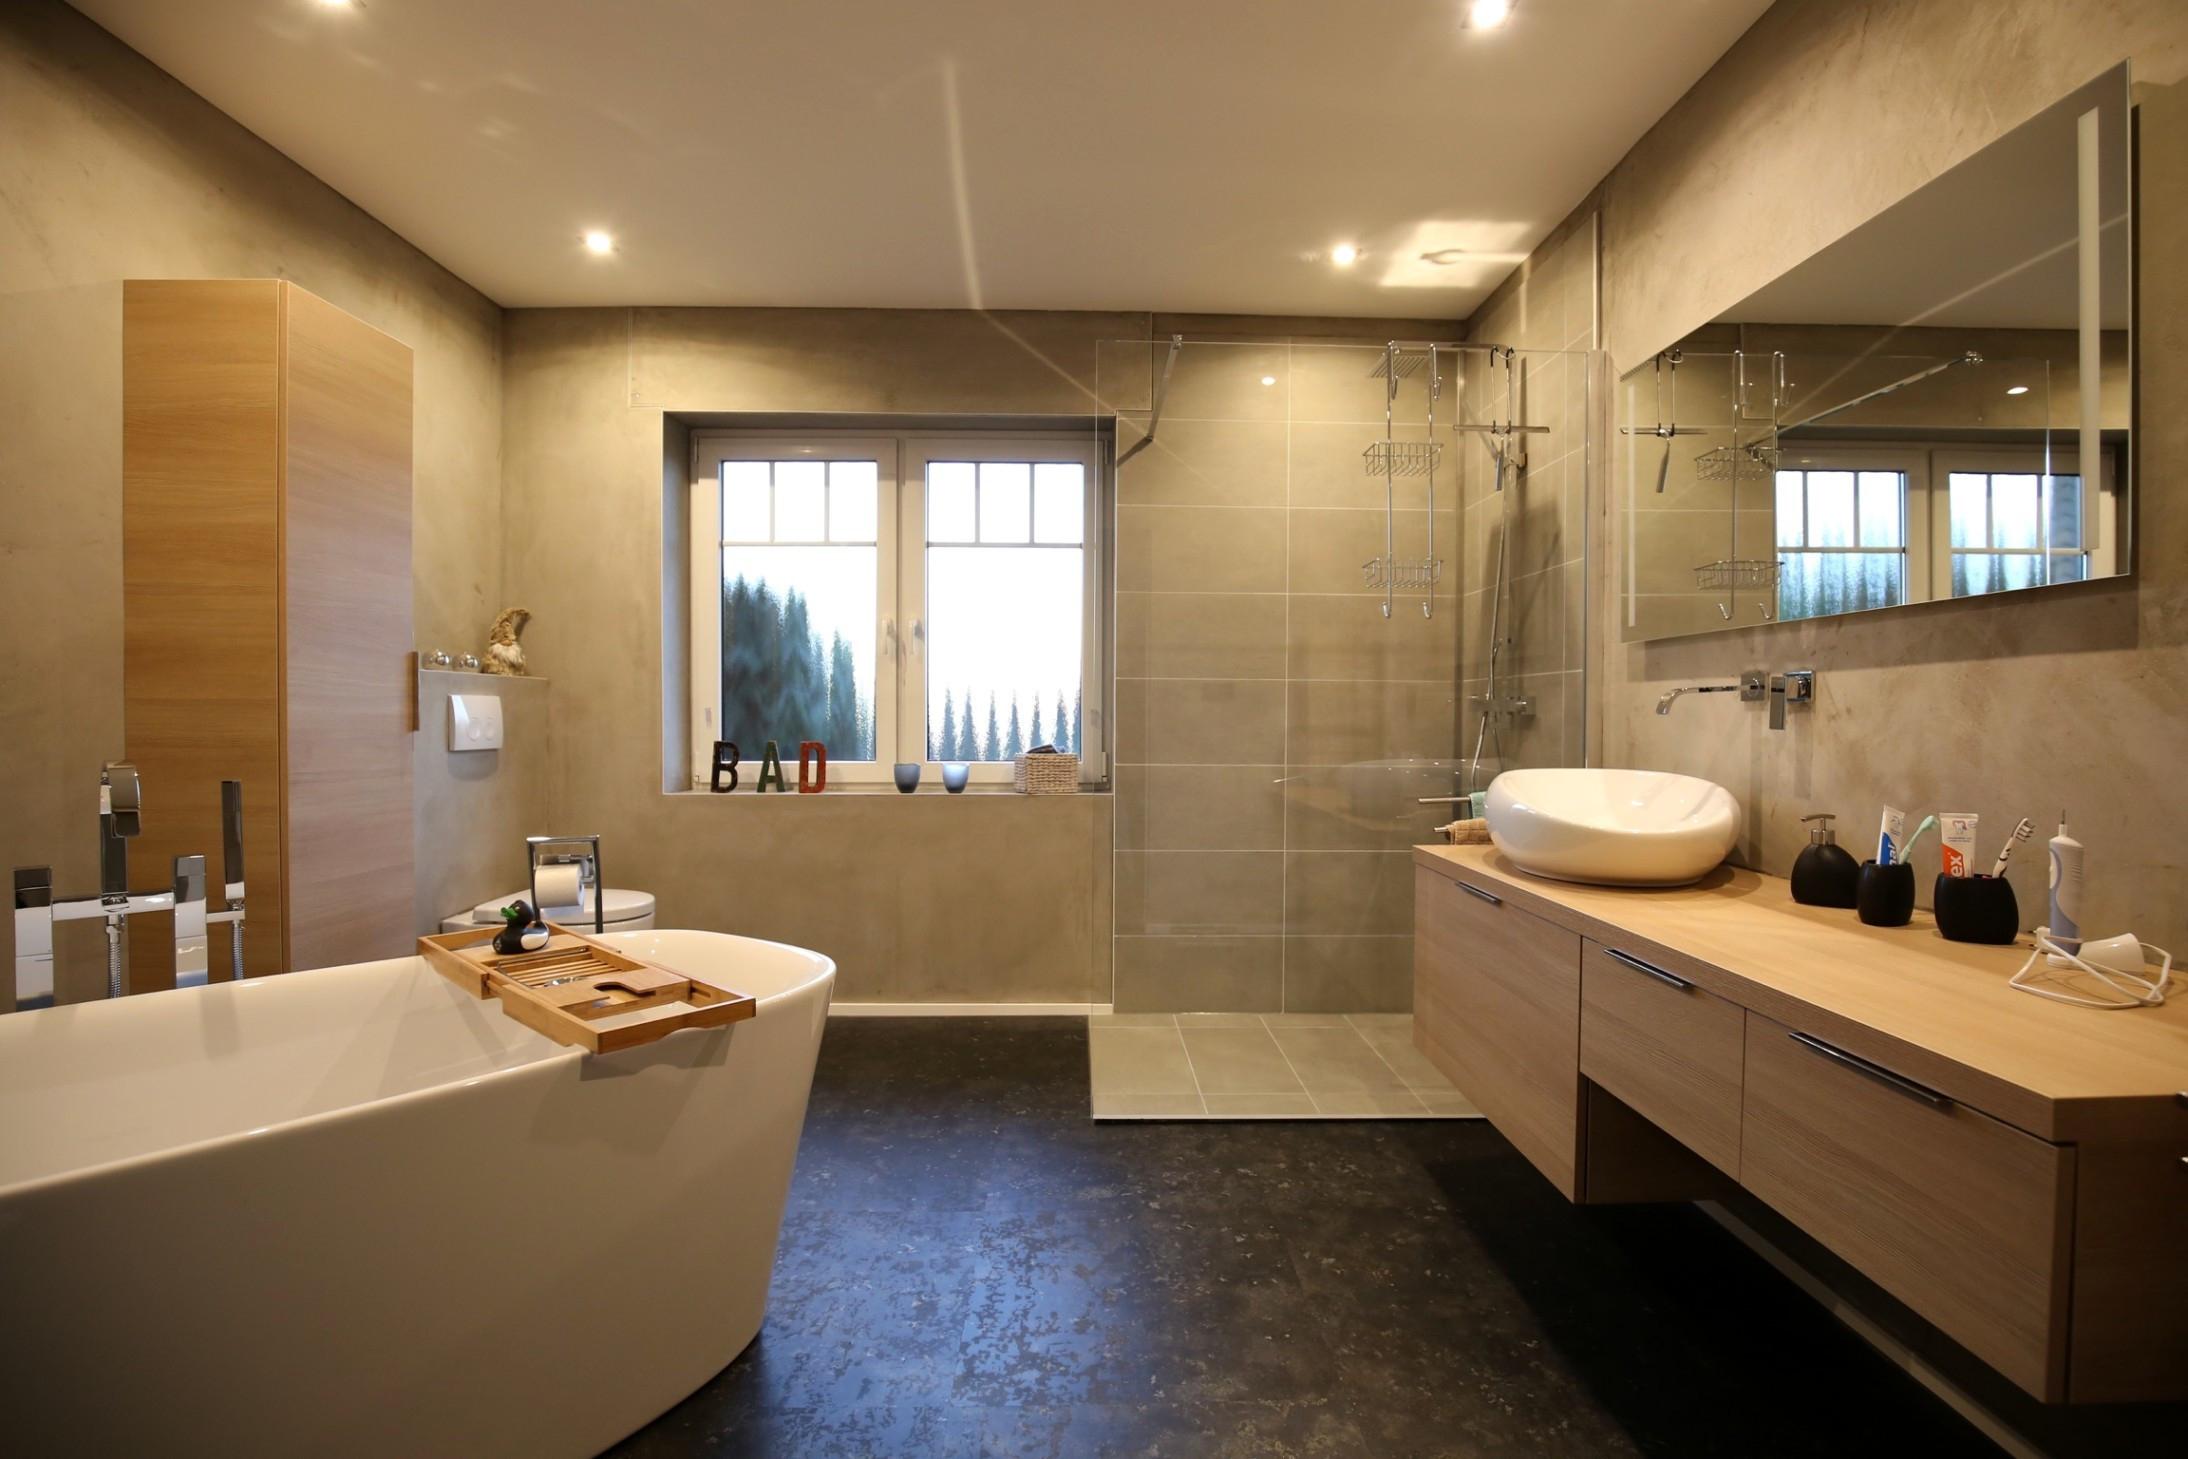 Maison Interieur Luxe Élégant Images Inspirer 40 De Interieur Maison Design Concept